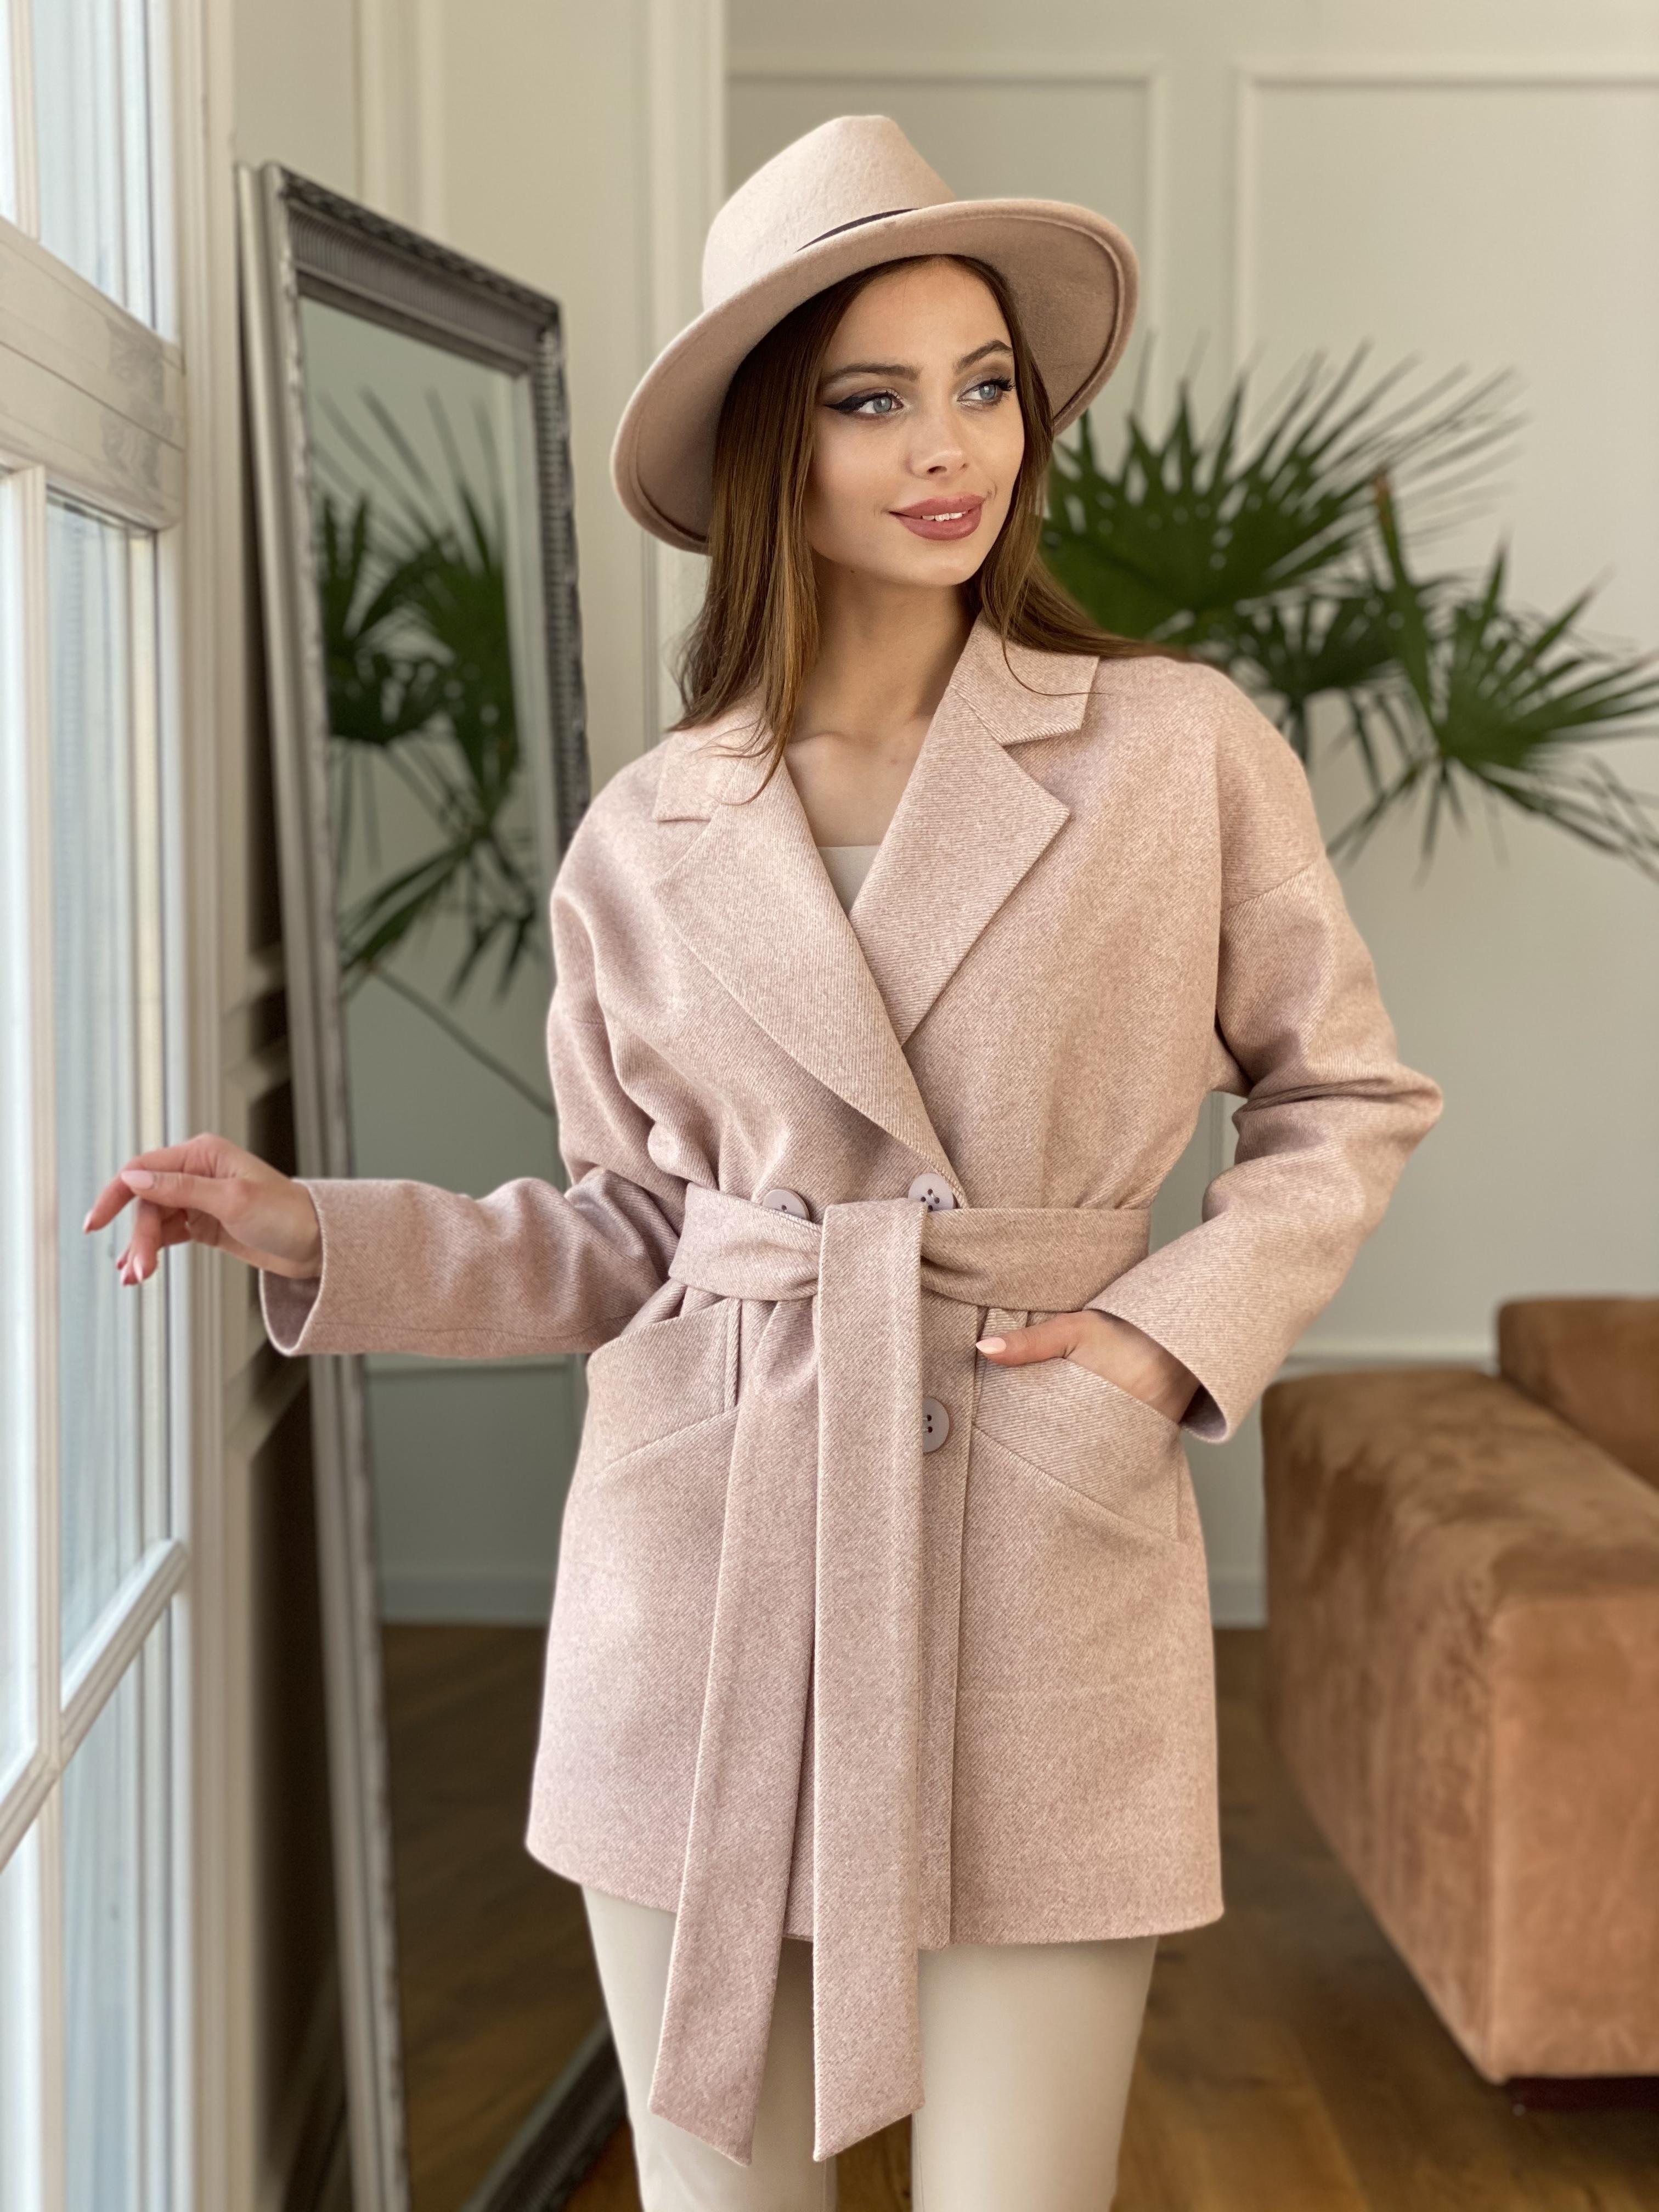 Бонд Диагональ пальто из пальтовой ткани  10757 АРТ. 47190 Цвет: Бежевый меланж 3 - фото 5, интернет магазин tm-modus.ru